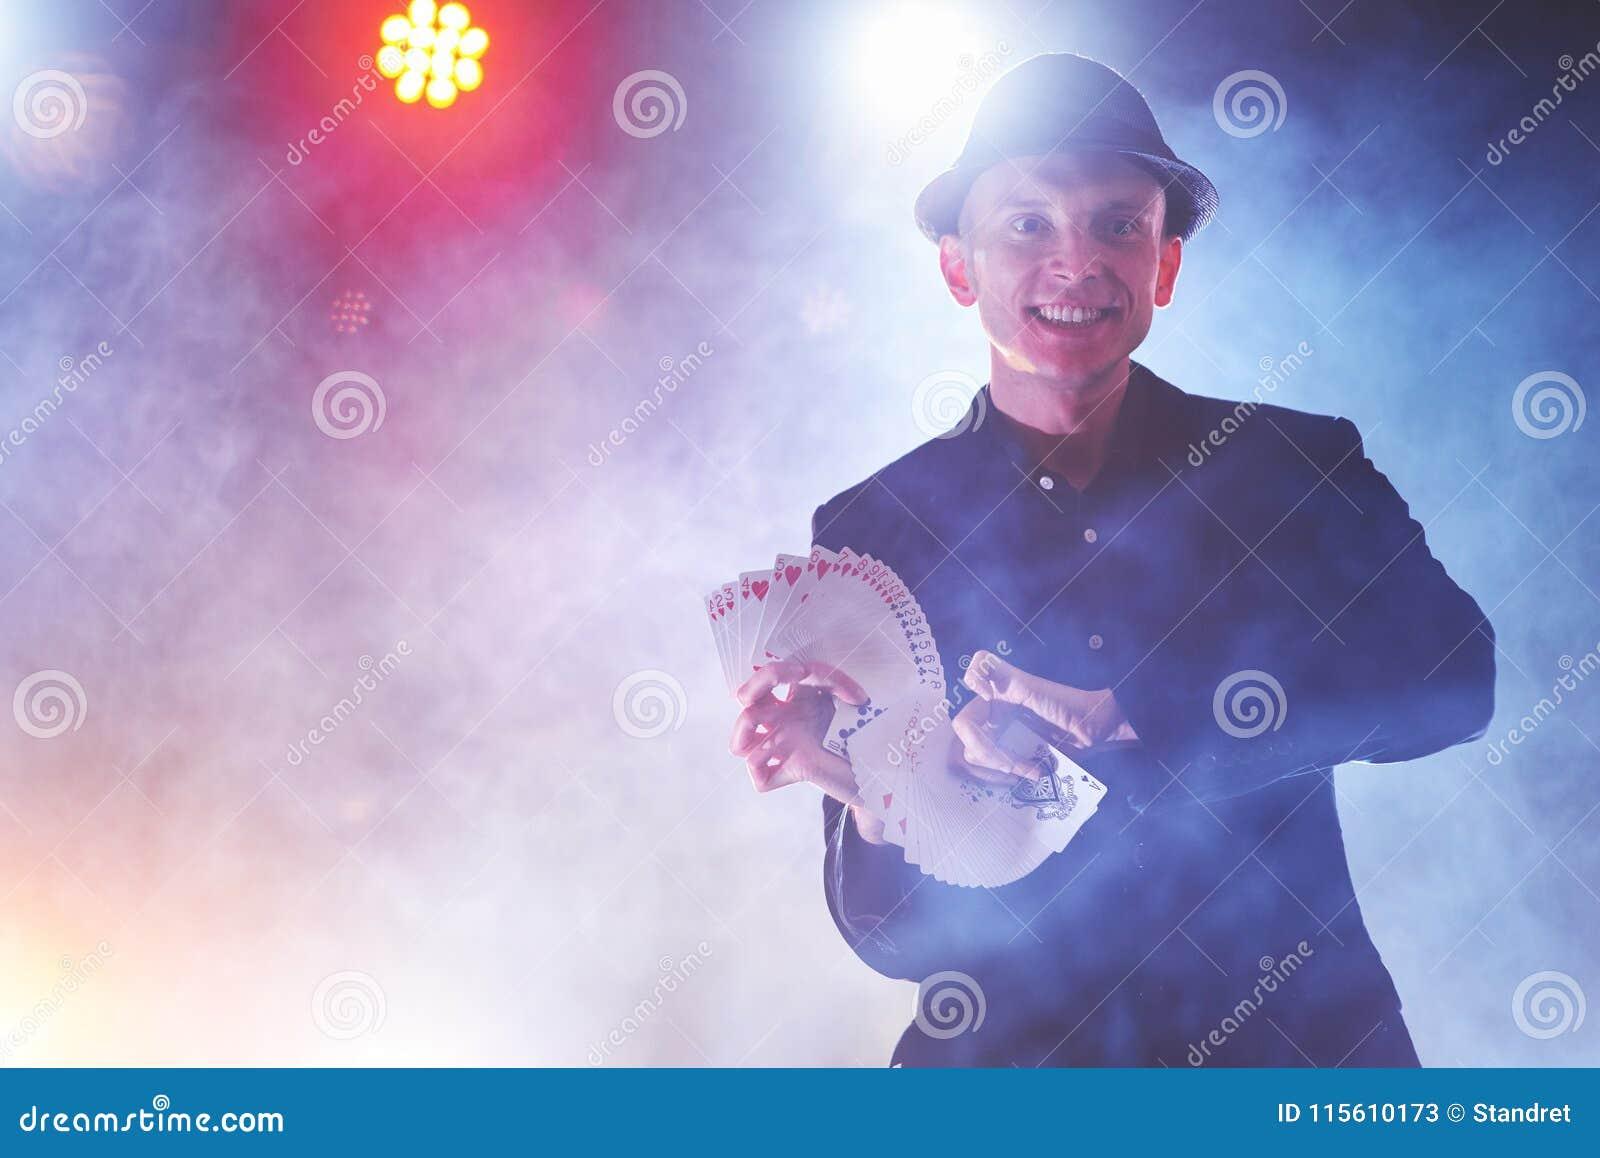 Truco de la demostración del mago con los naipes Magia o destreza, circo, jugando Prestidigitador en sitio oscuro con niebla